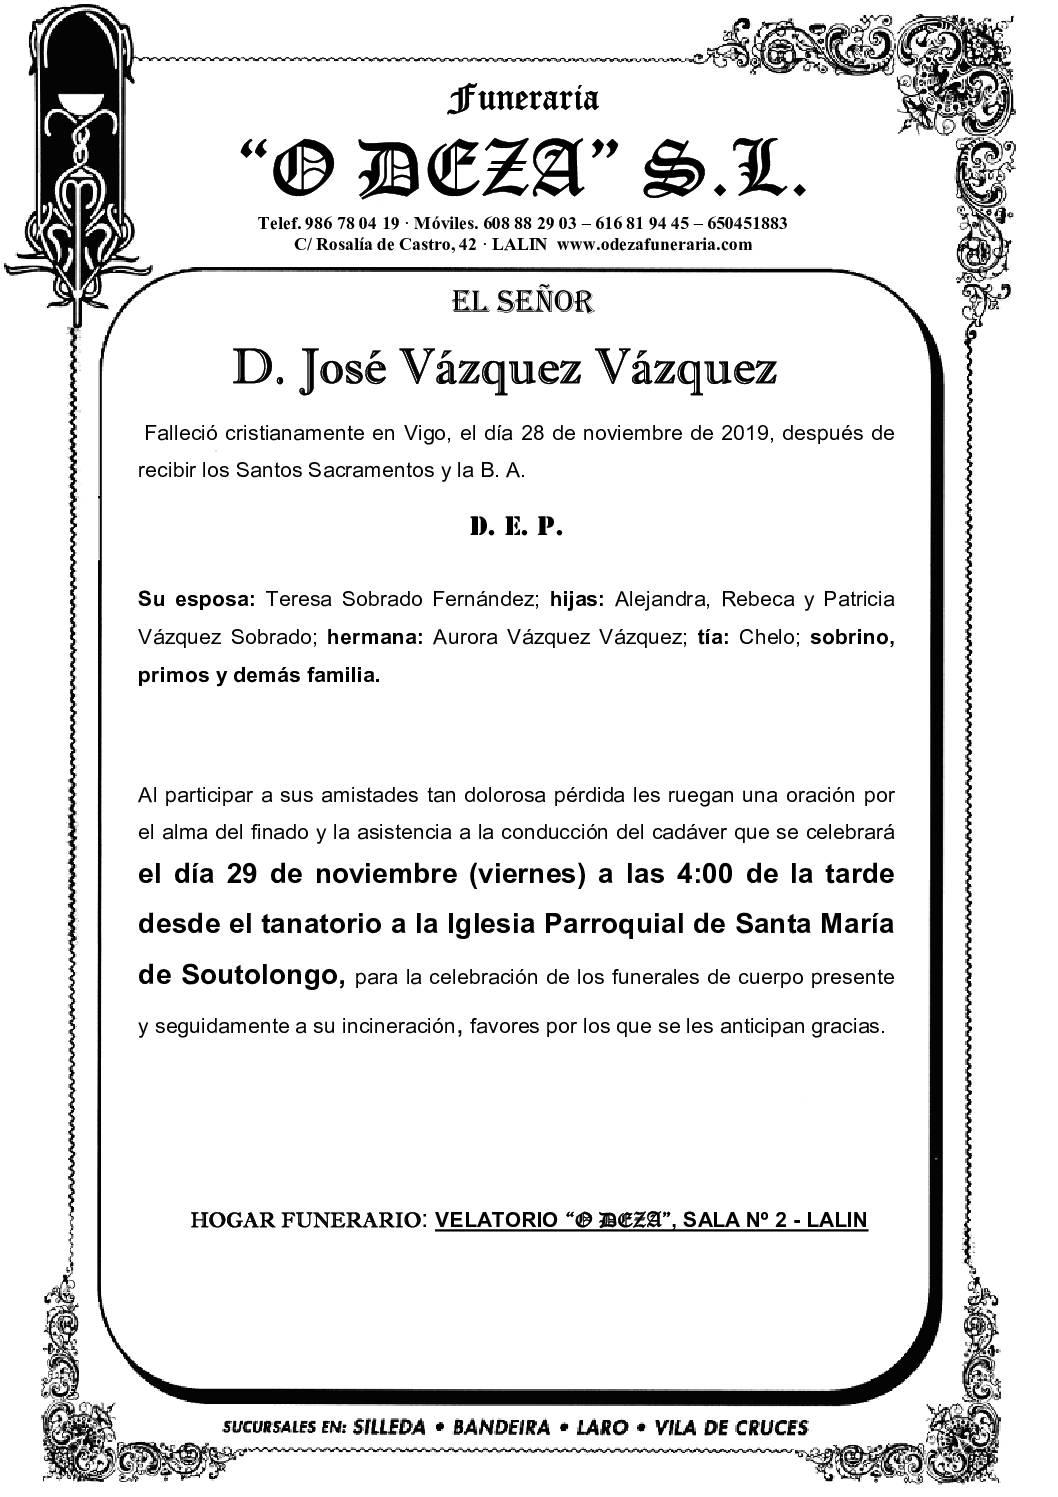 D. JOSÉ VÁZQUEZ VÁZQUEZ